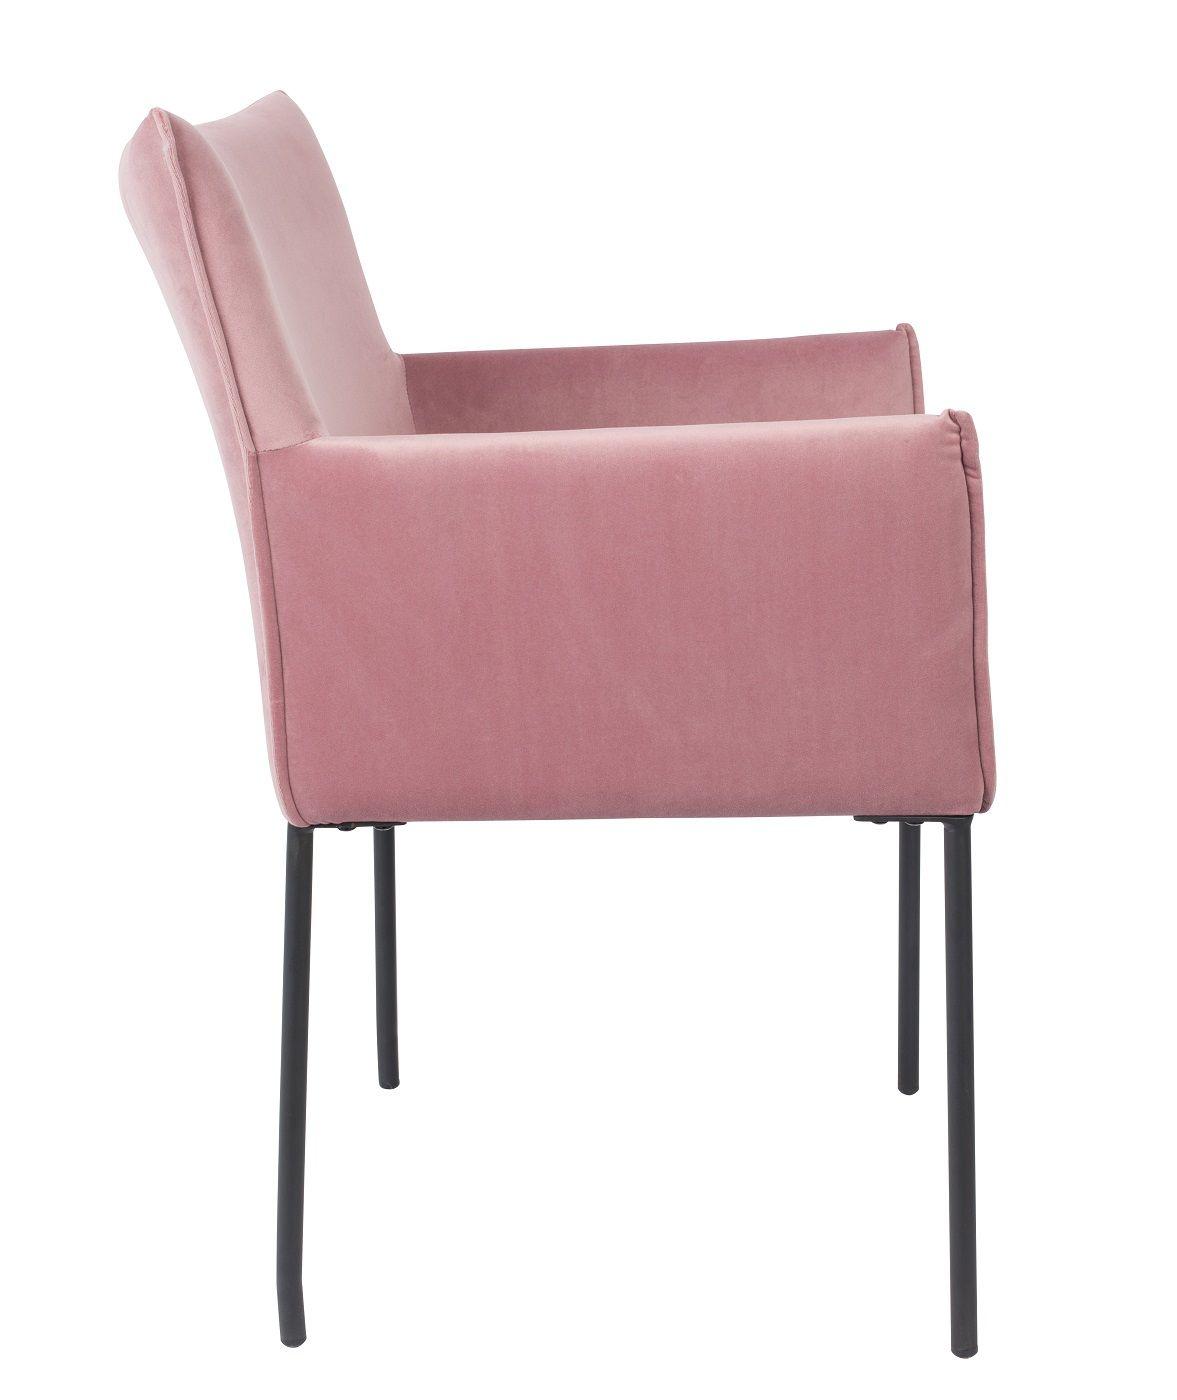 homii Dion Spisebordsstol m. armlæn - Pink Velour